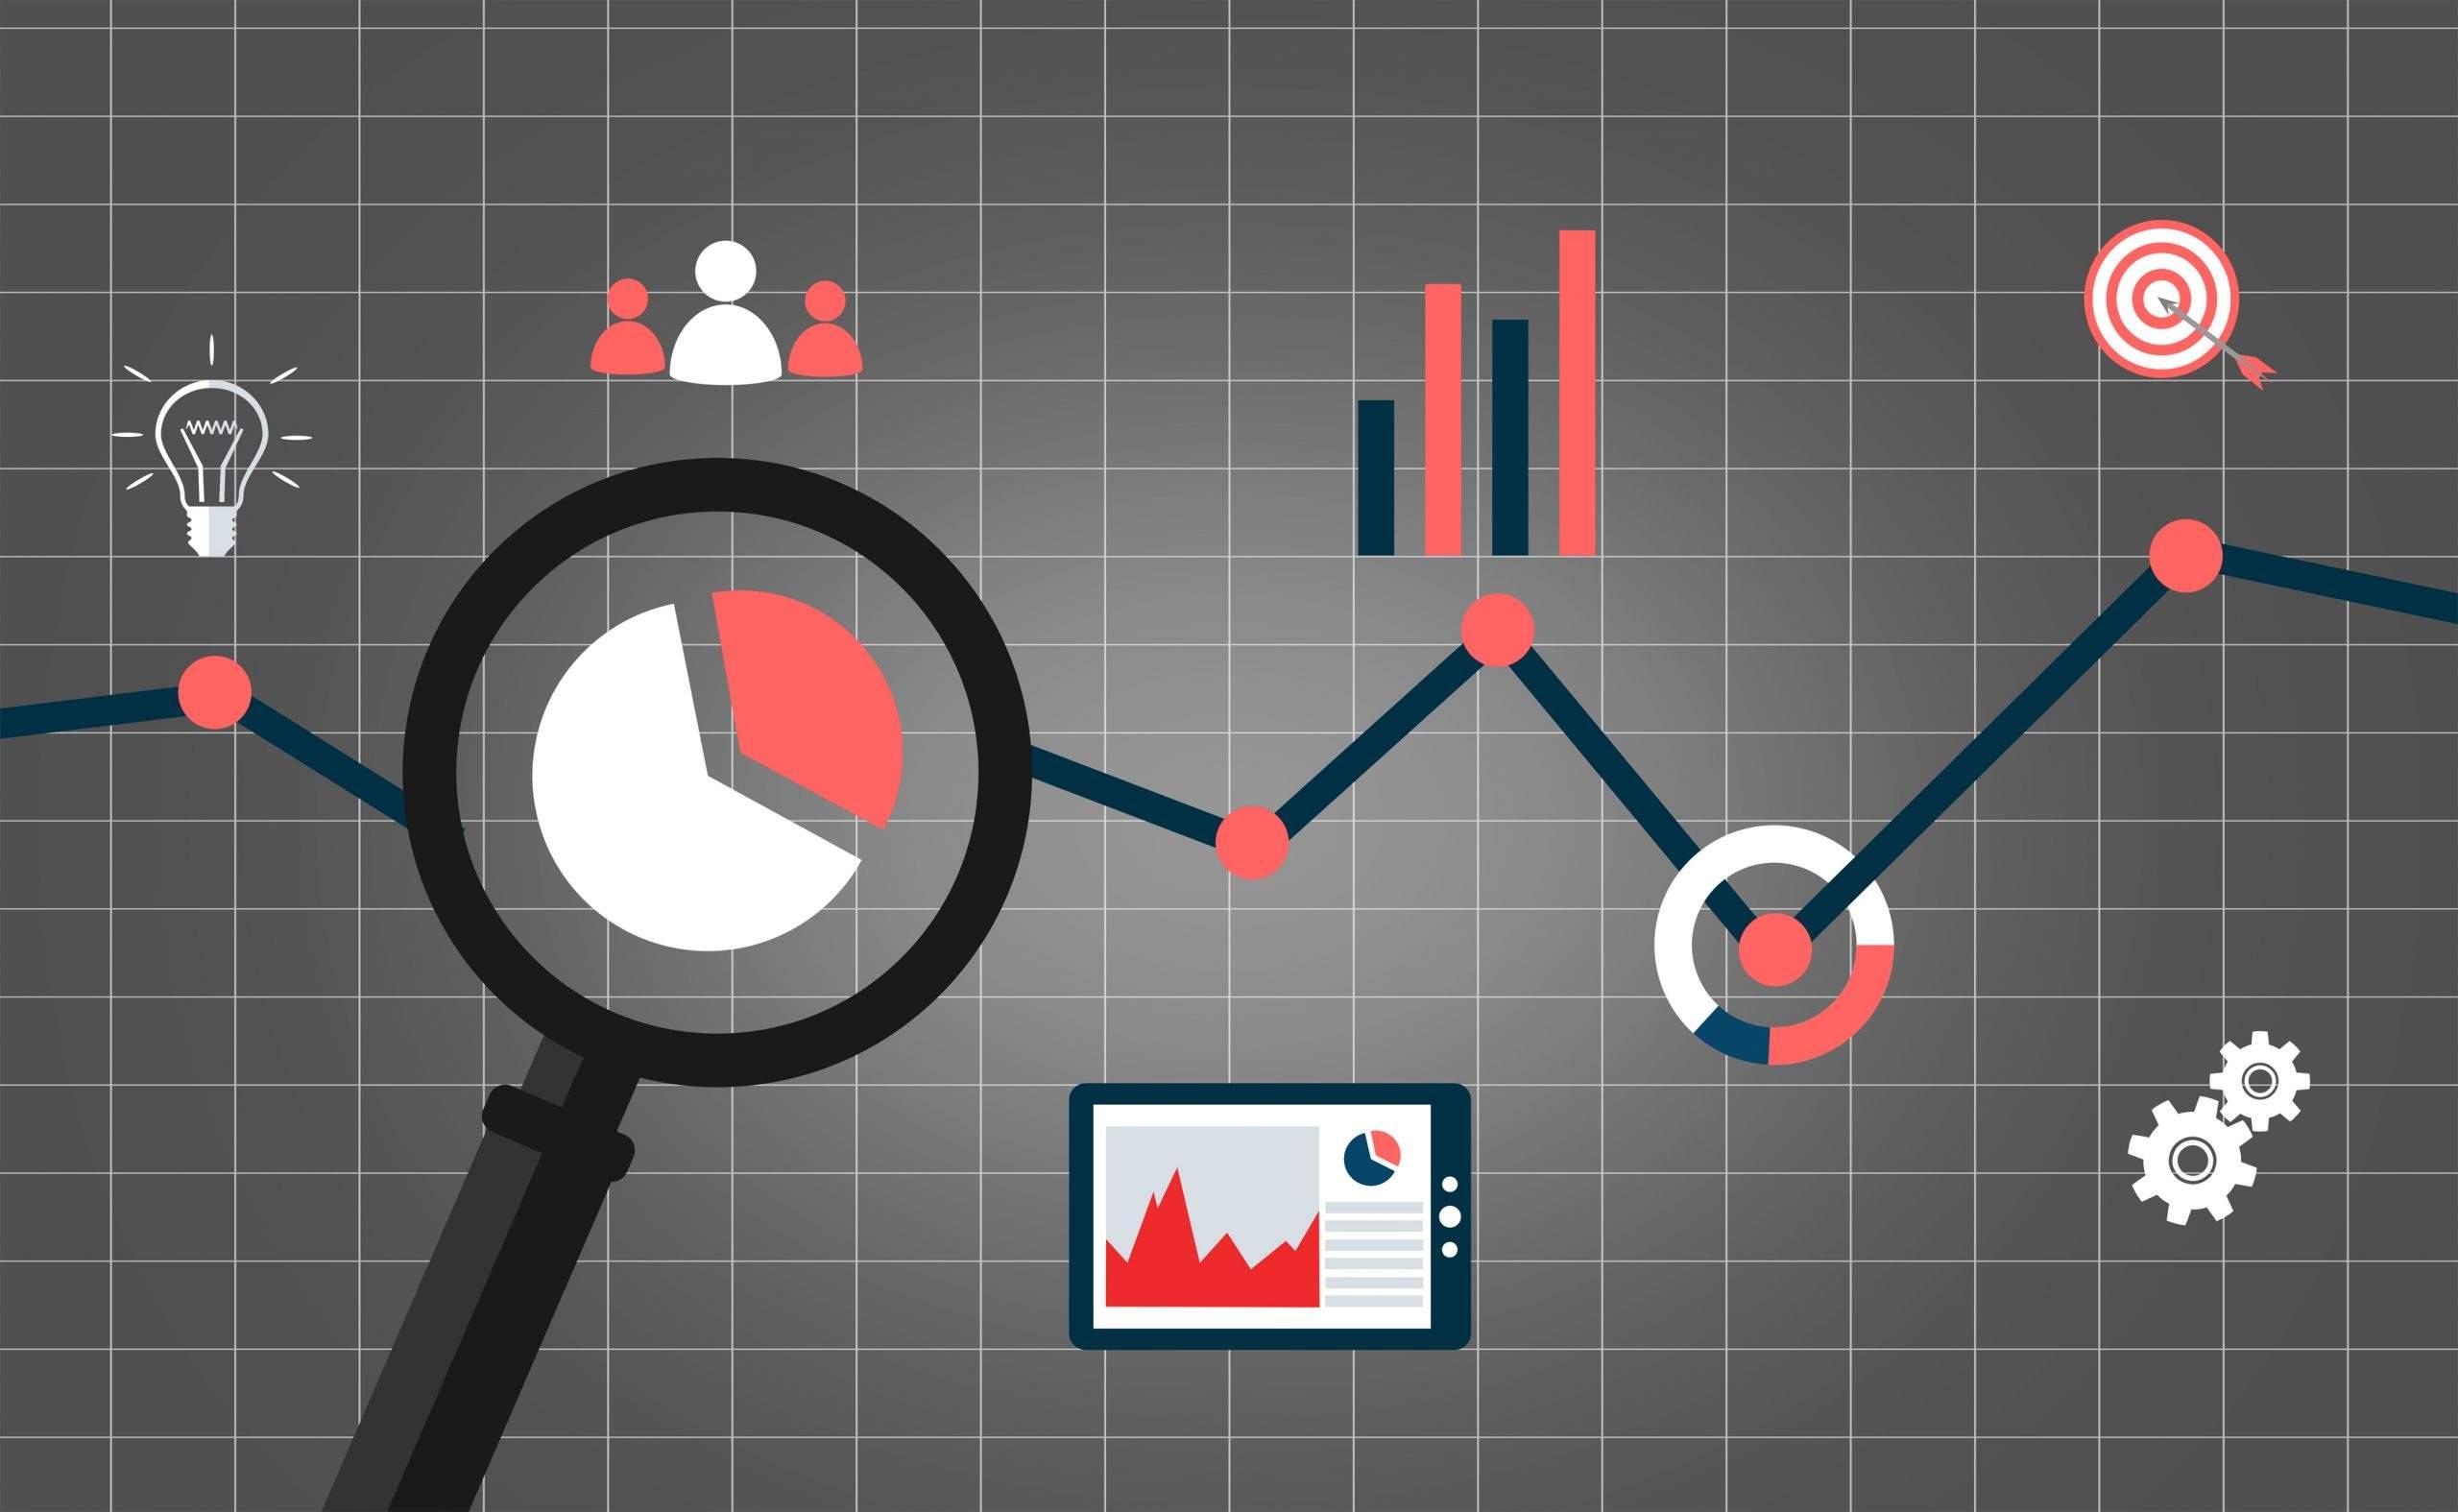 FERRAMENTAS DE GESTÃO: Cuide dos processos do seu negócio